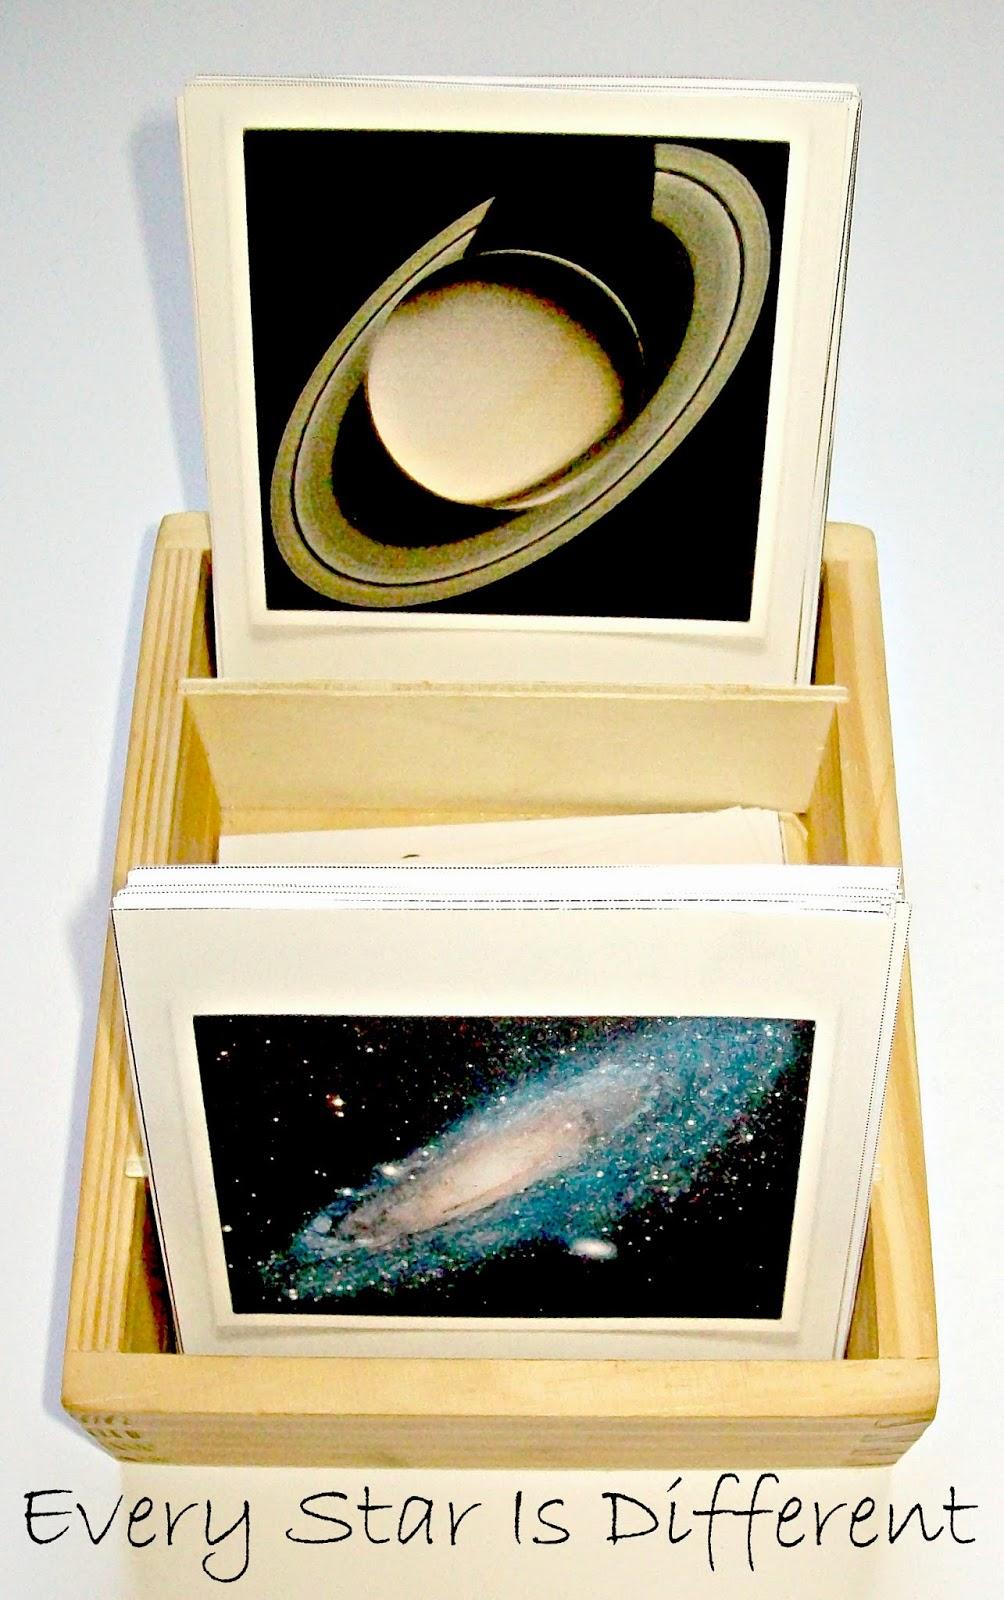 Planet nomenclature cards.